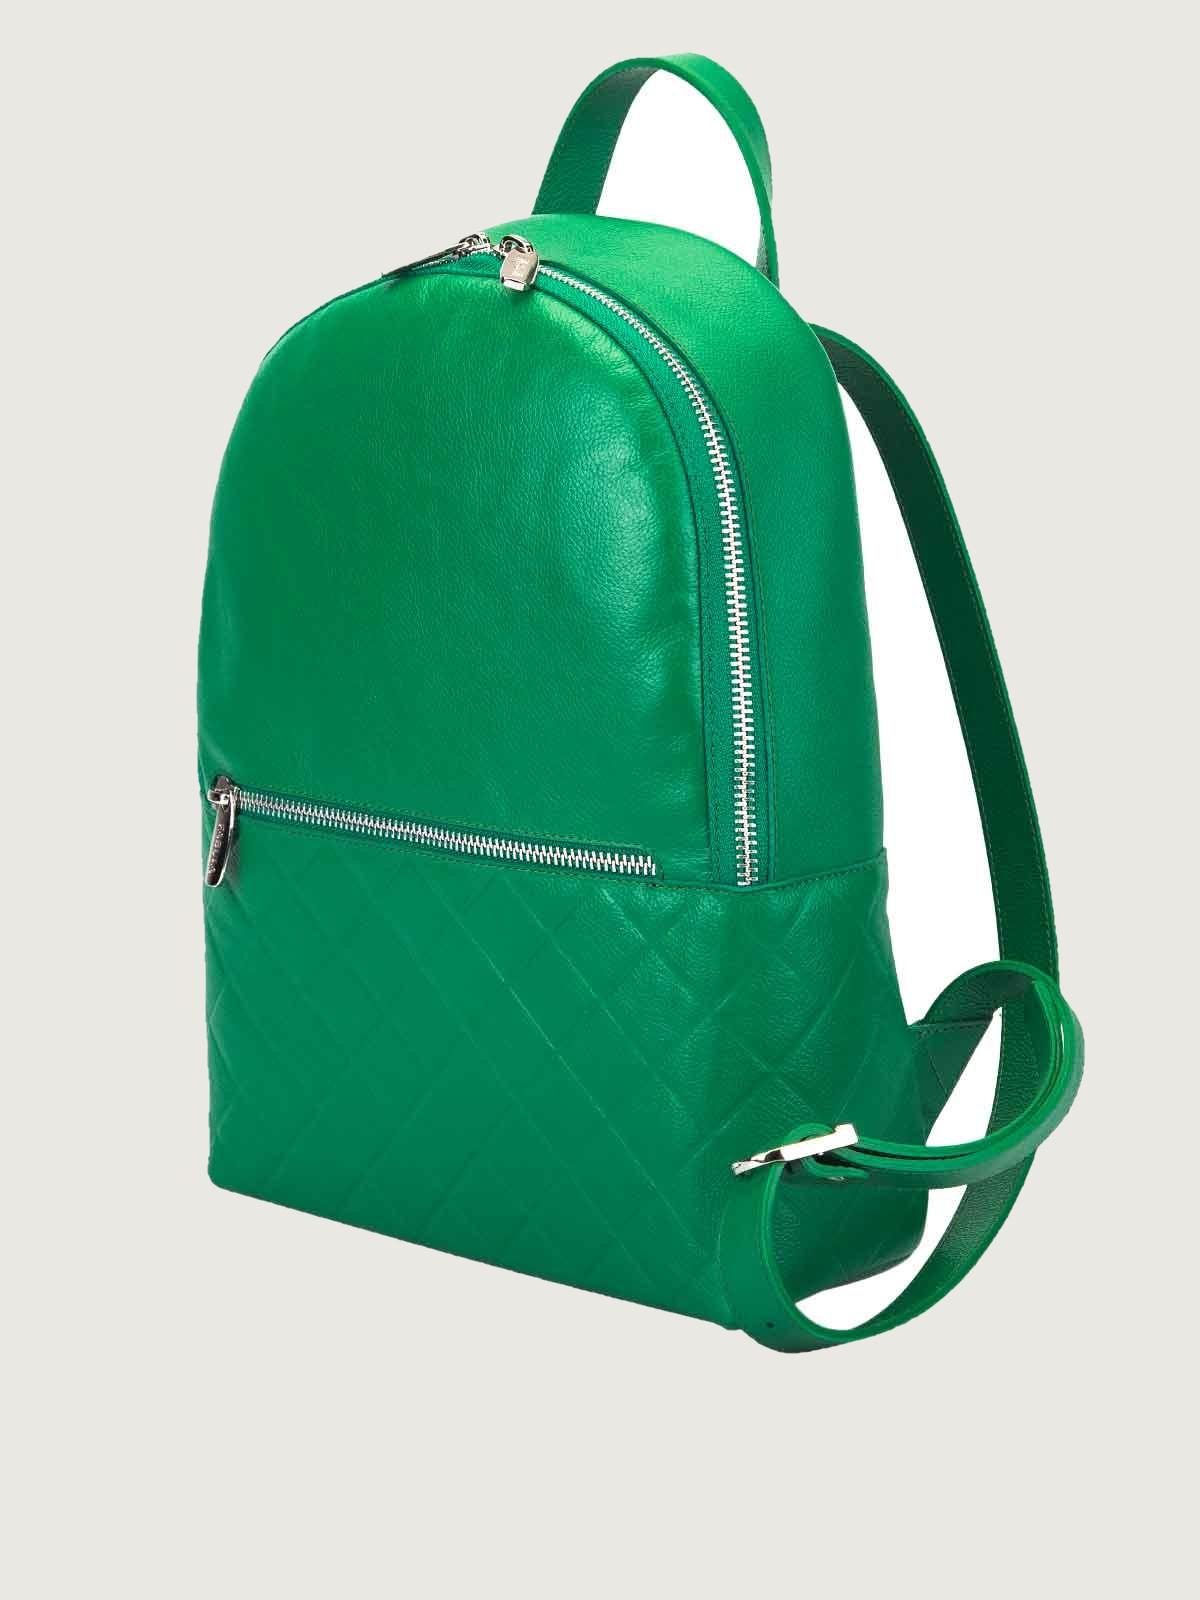 Рюкзаки с мягкими купить рюкзак туристический бу